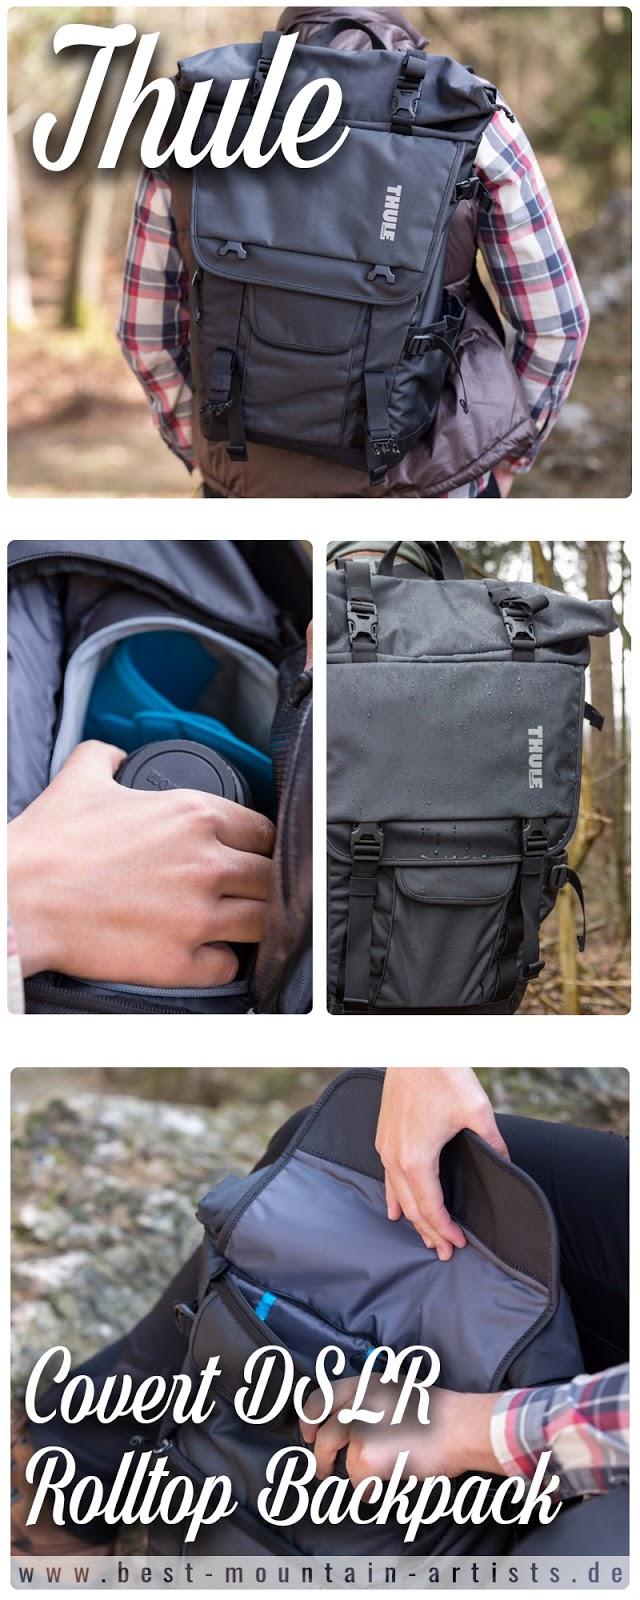 Covert DSLR Rolltop Backpack